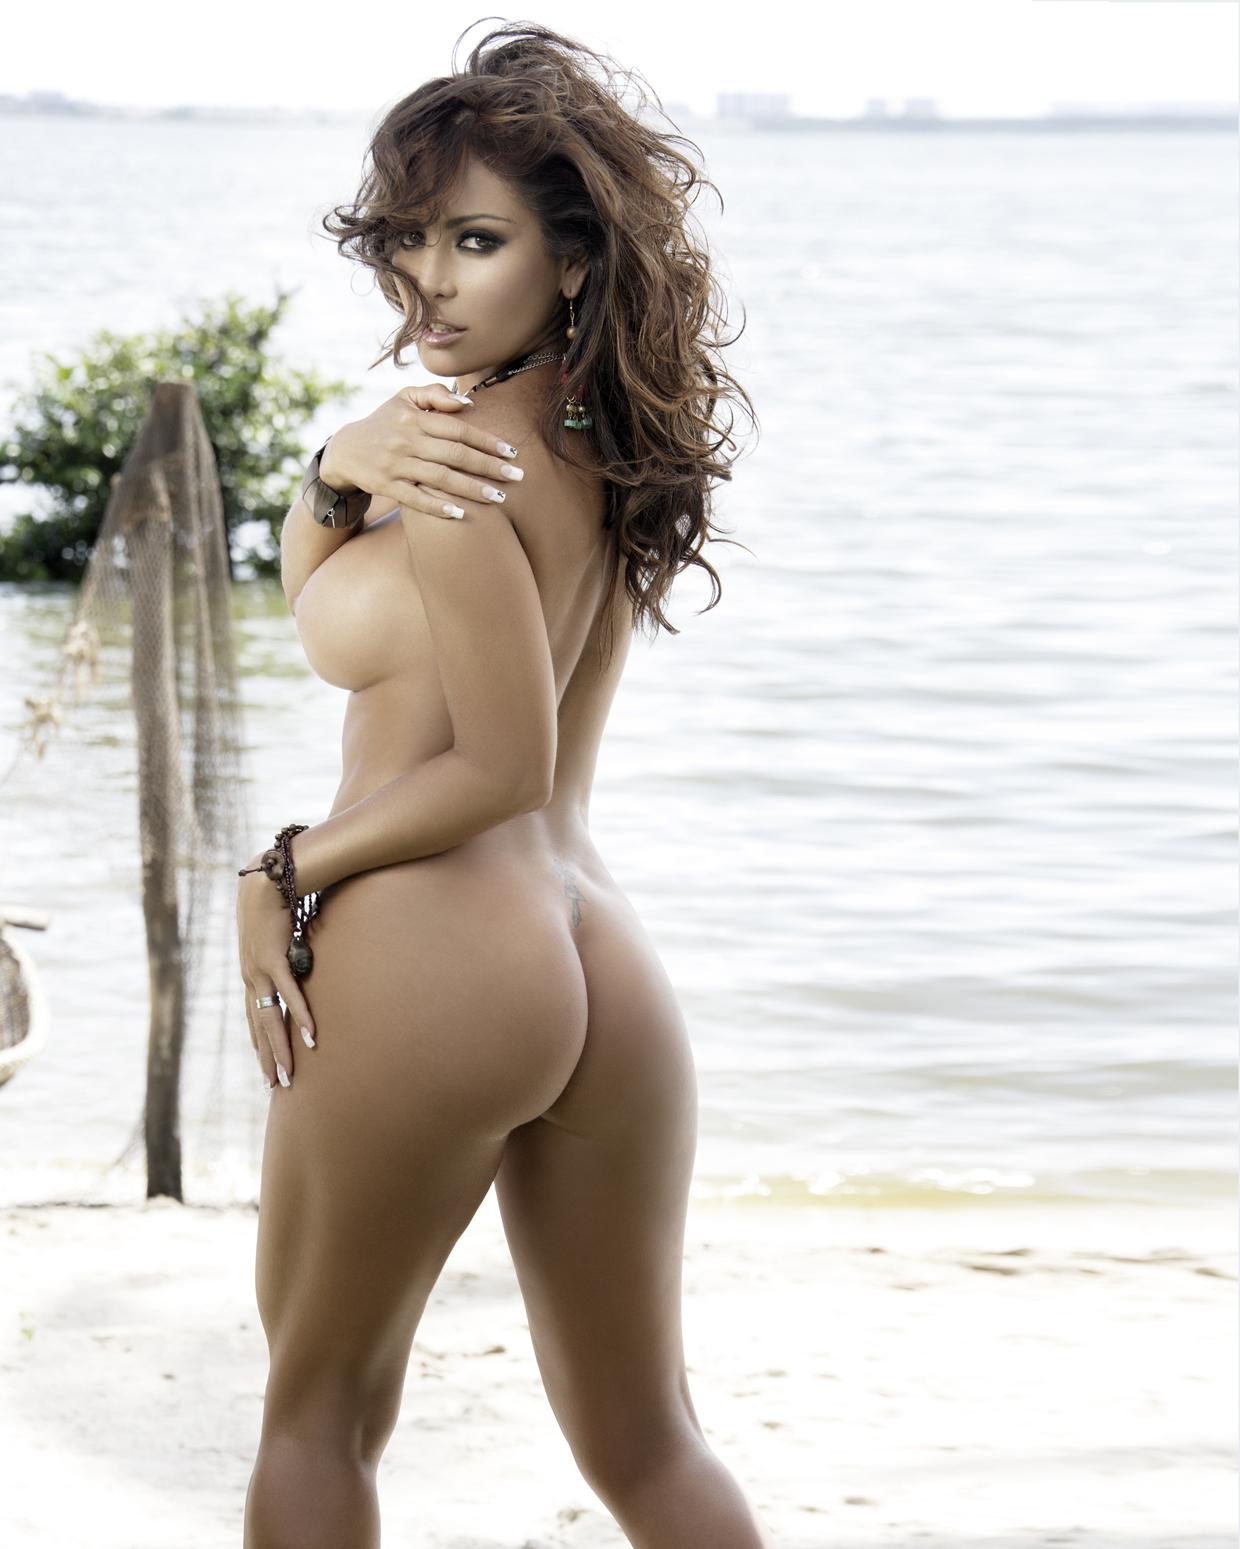 de las celebridades que aparecen en el anuario 2013 de Playboy México